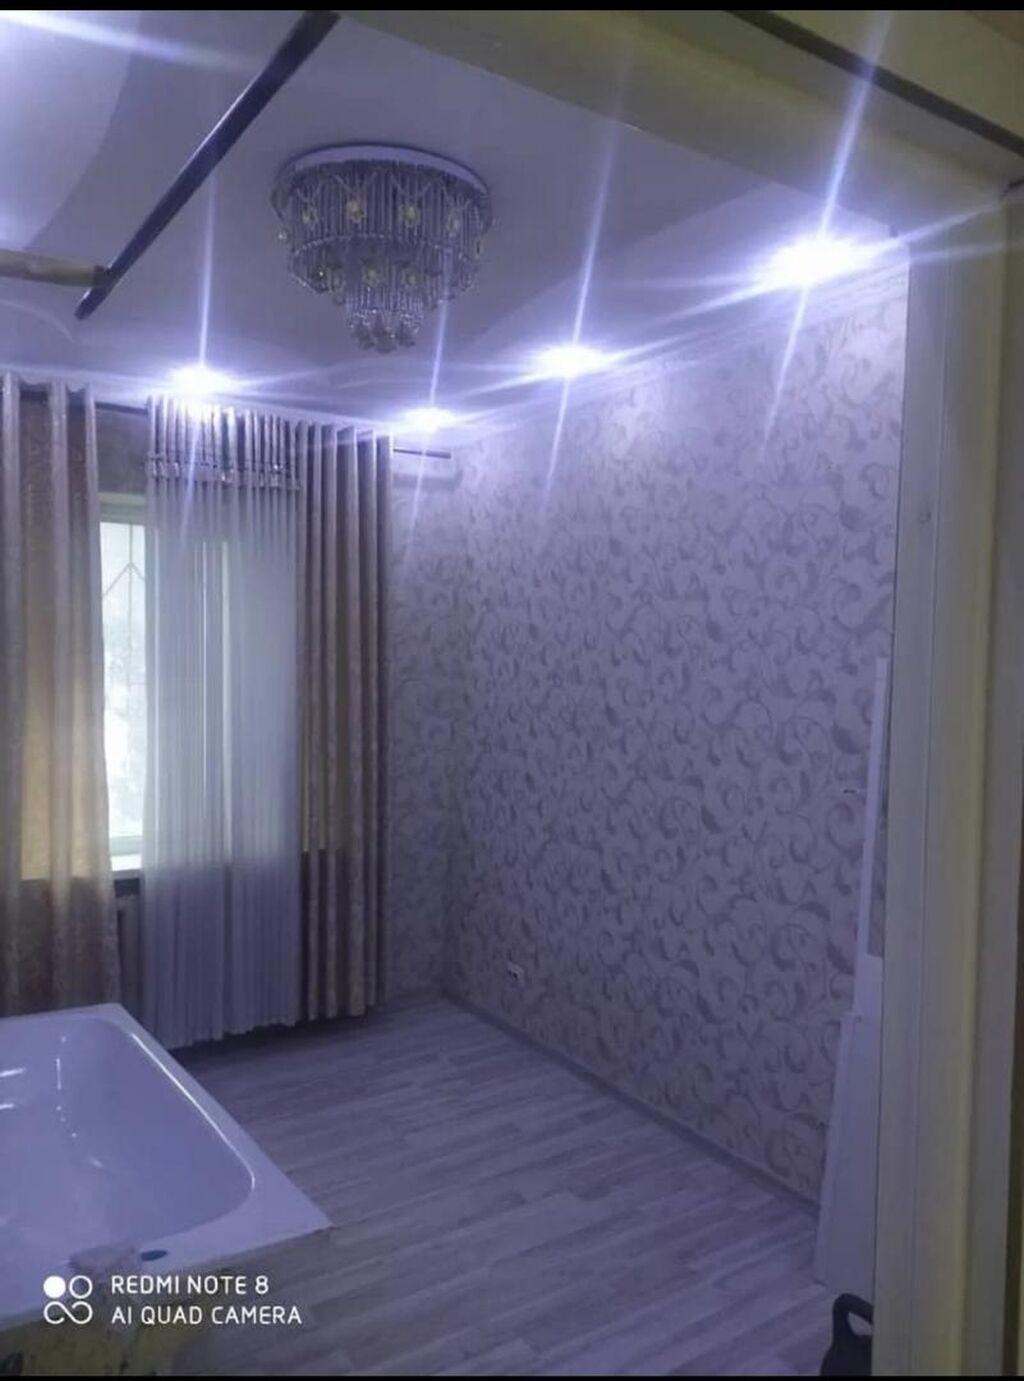 106 серия, 3 комнаты, 70 кв. м Бронированные двери, Неугловая квартира: 106 серия, 3 комнаты, 70 кв. м Бронированные двери, Неугловая квартира